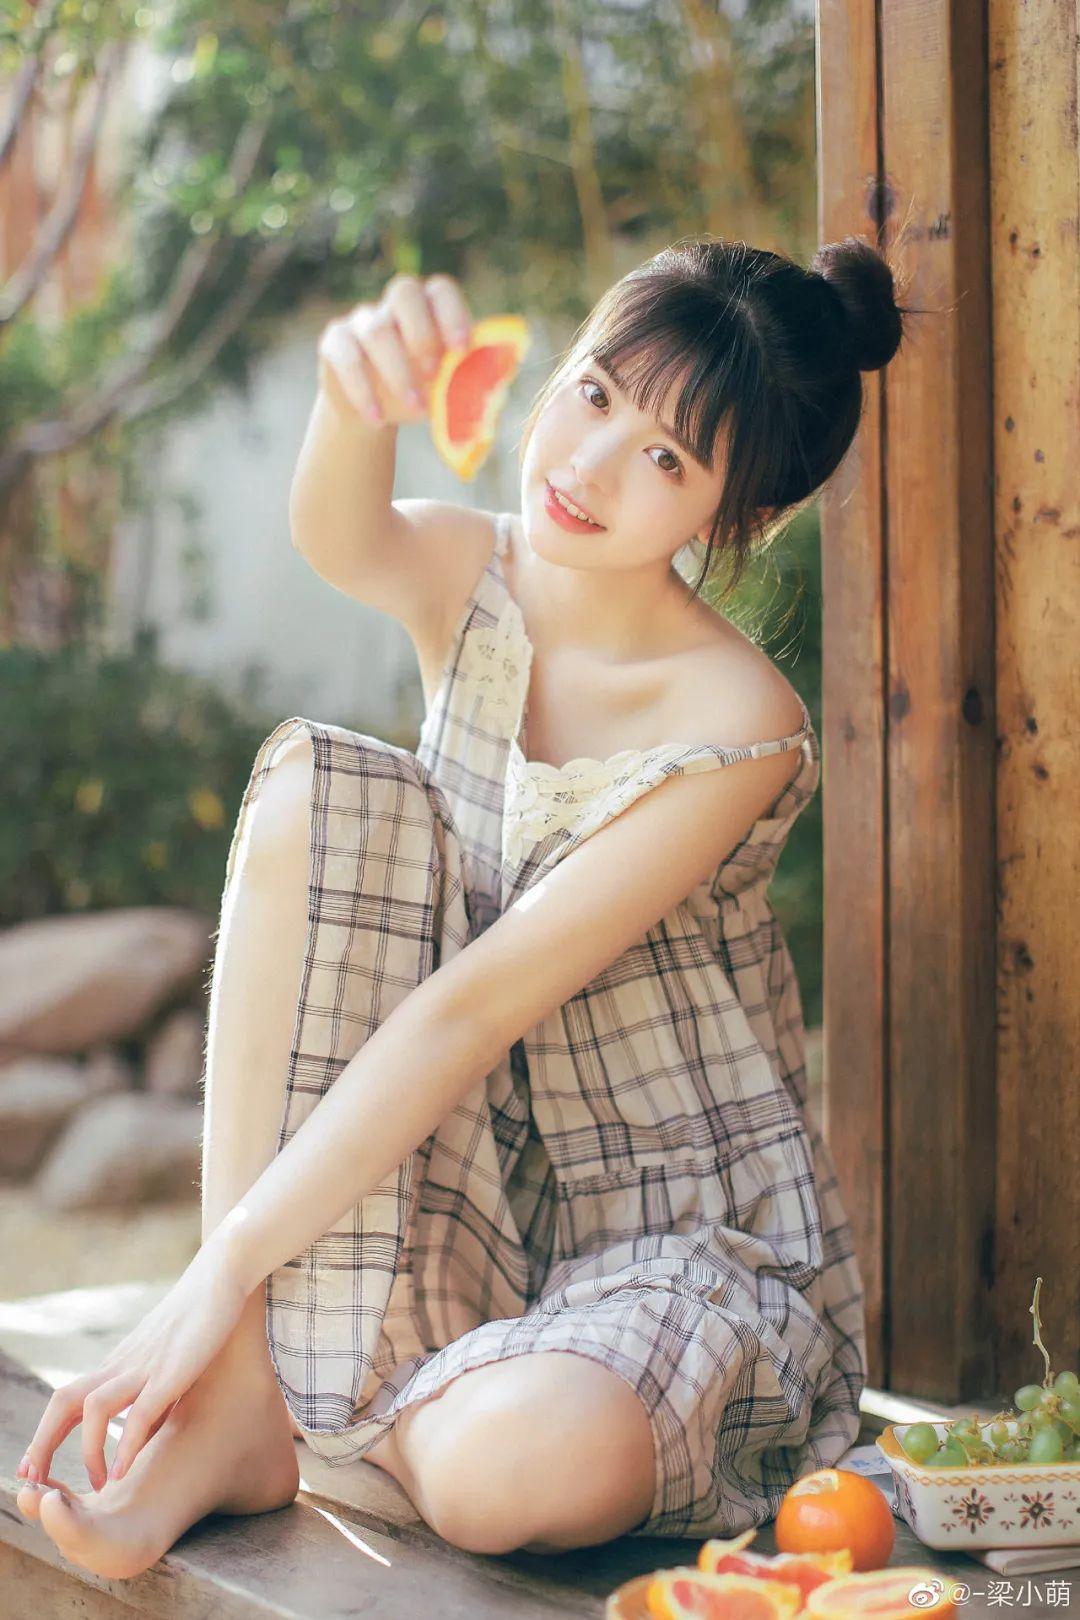 妹子摄影 – 微博美少女@-梁小萌,吃橘子的连衣裙清纯小妹_图片 No.4